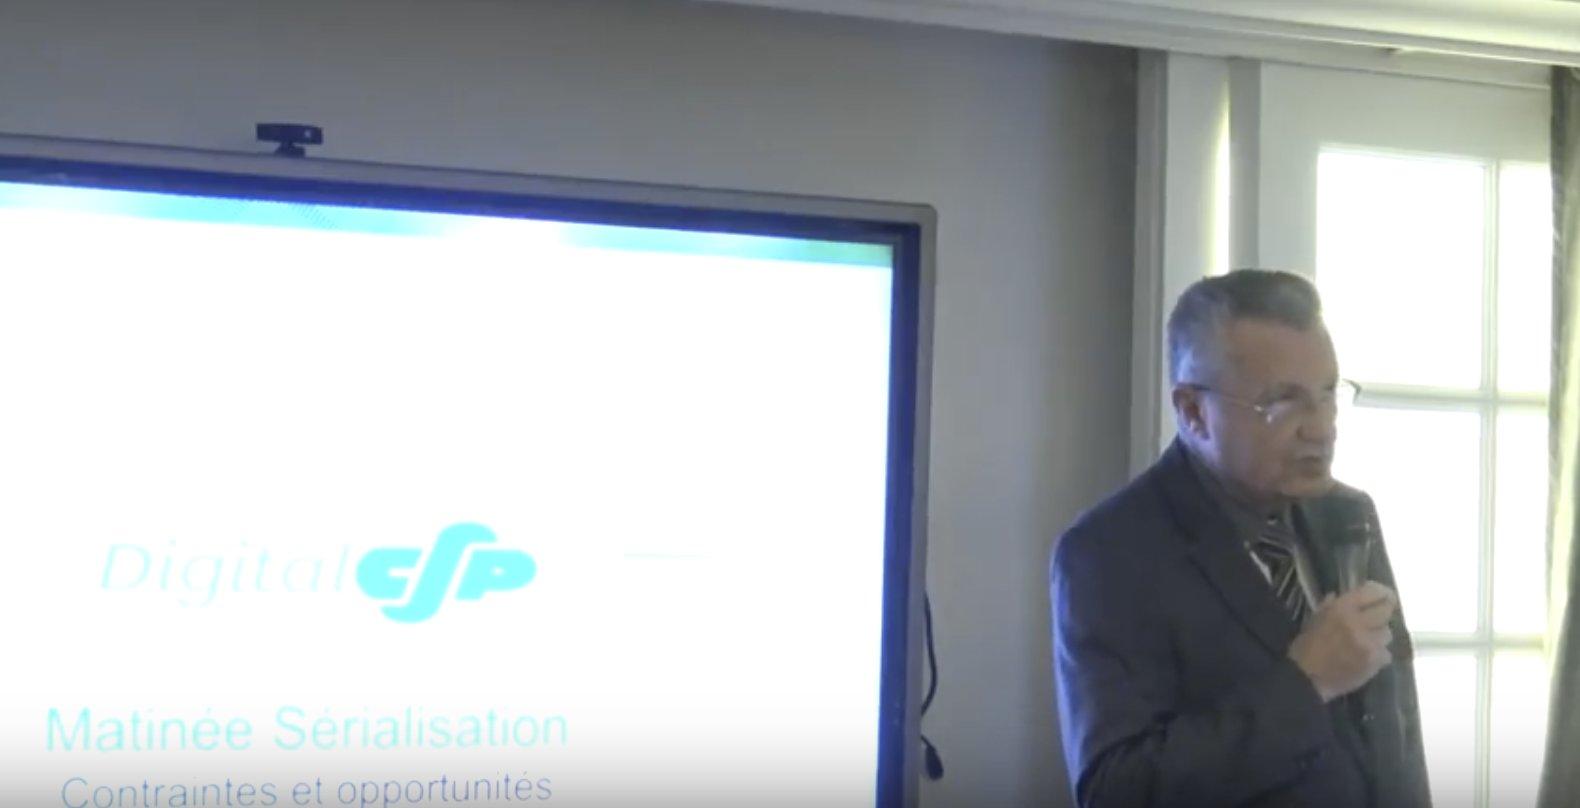 """Introduction de la matinée par JP Baudry, fondateur de C.S.P. """"C.S.P a pris une décision stratégique importante"""" #digitalCSP https://t.co/k9WkexSVq9"""